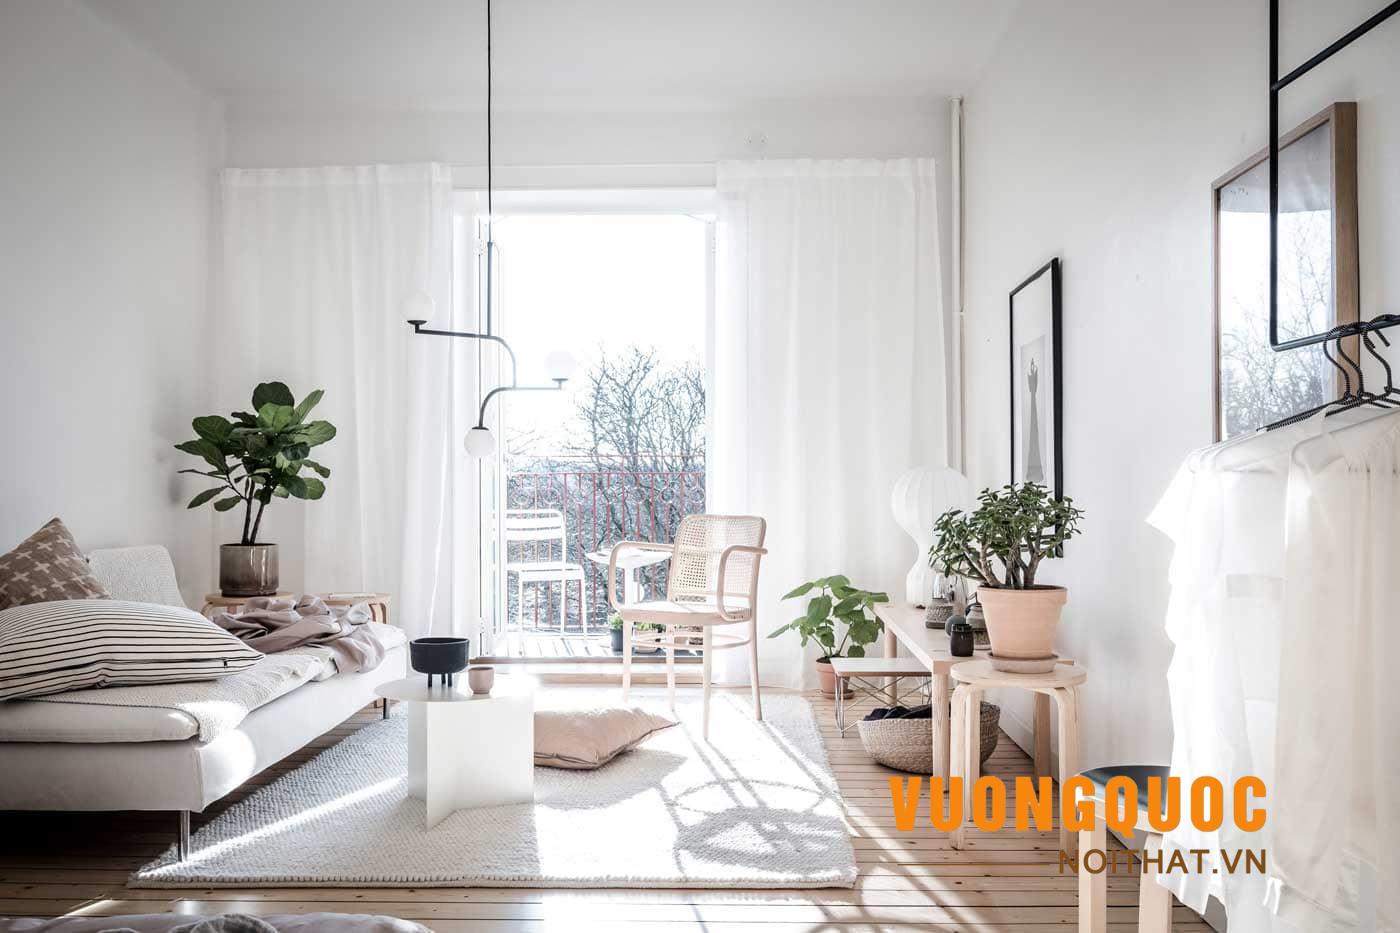 Đặc trưng nội thất phong cách HÀN QUỐC là gì ? Bạn có biết ?